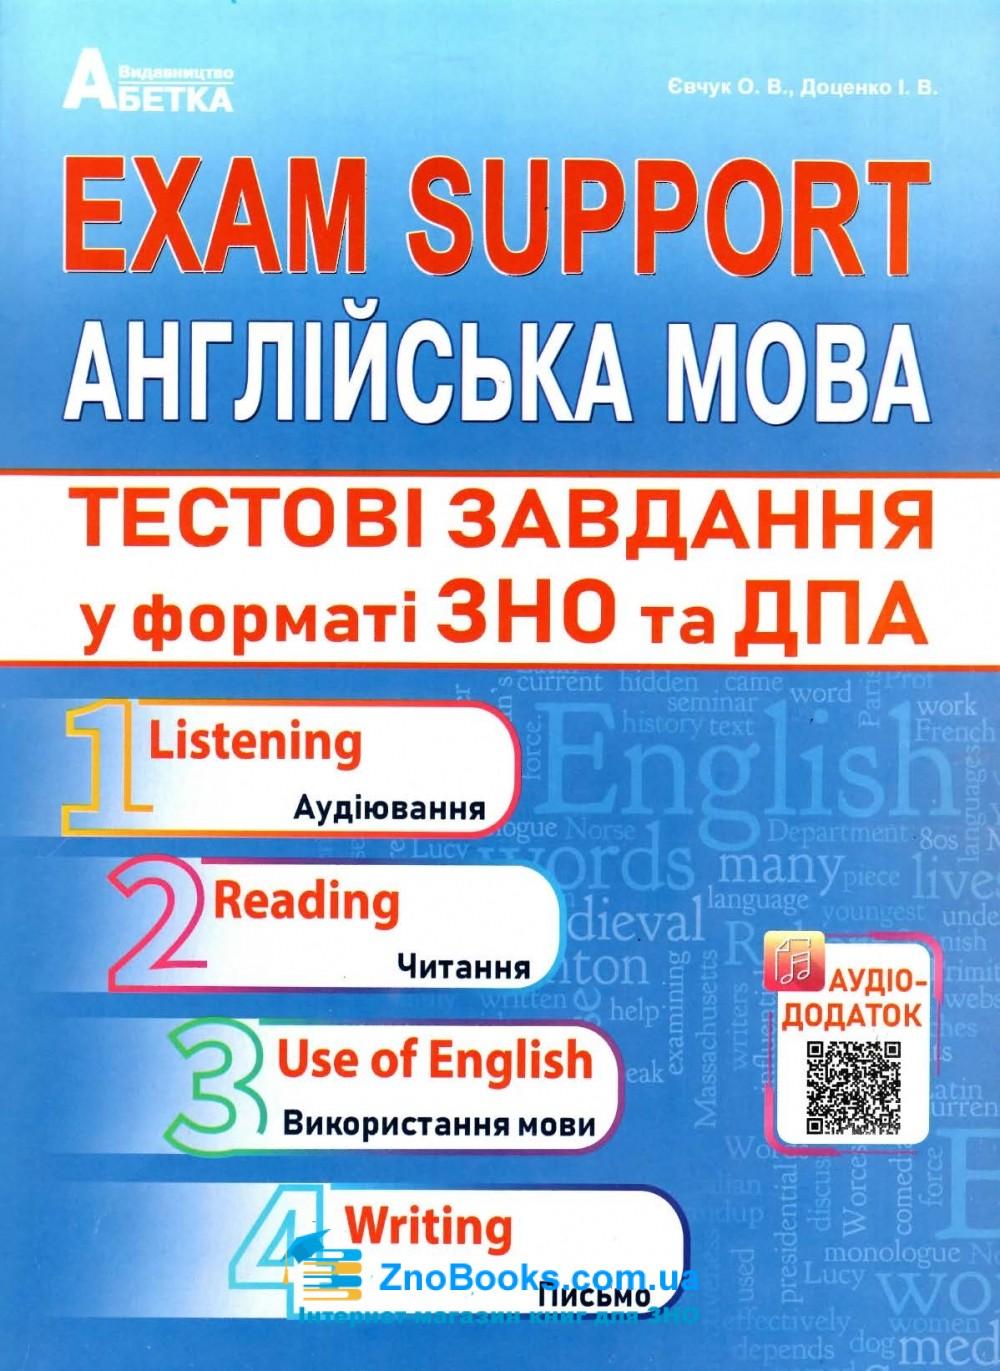 Англійська мова (Exam Support). Тестові завдання у форматі ЗНО та ДПА 2021. Доценко І., Євчук О. 0